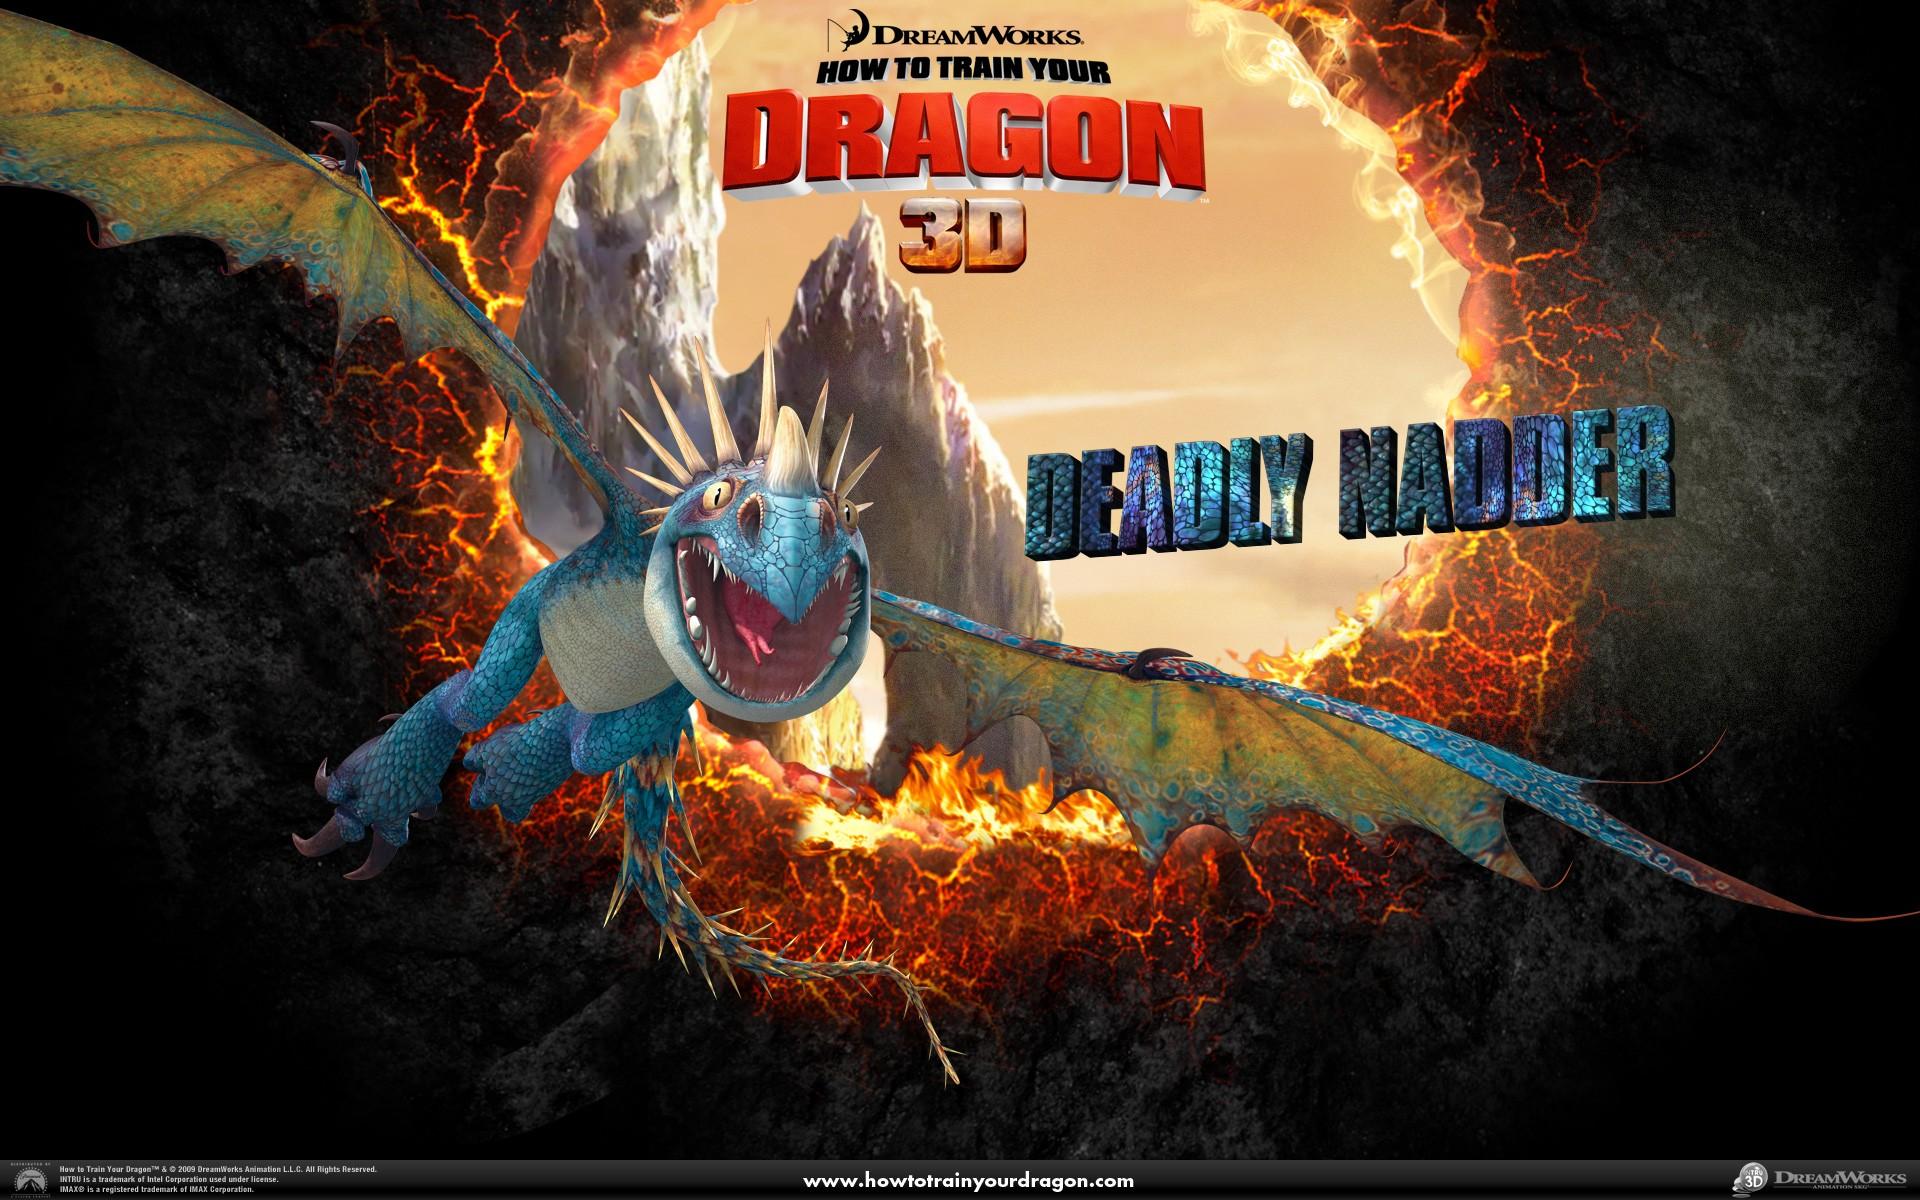 Un wallpaper ufficiale del drago Uncinato Mortale del film Dragon Trainer